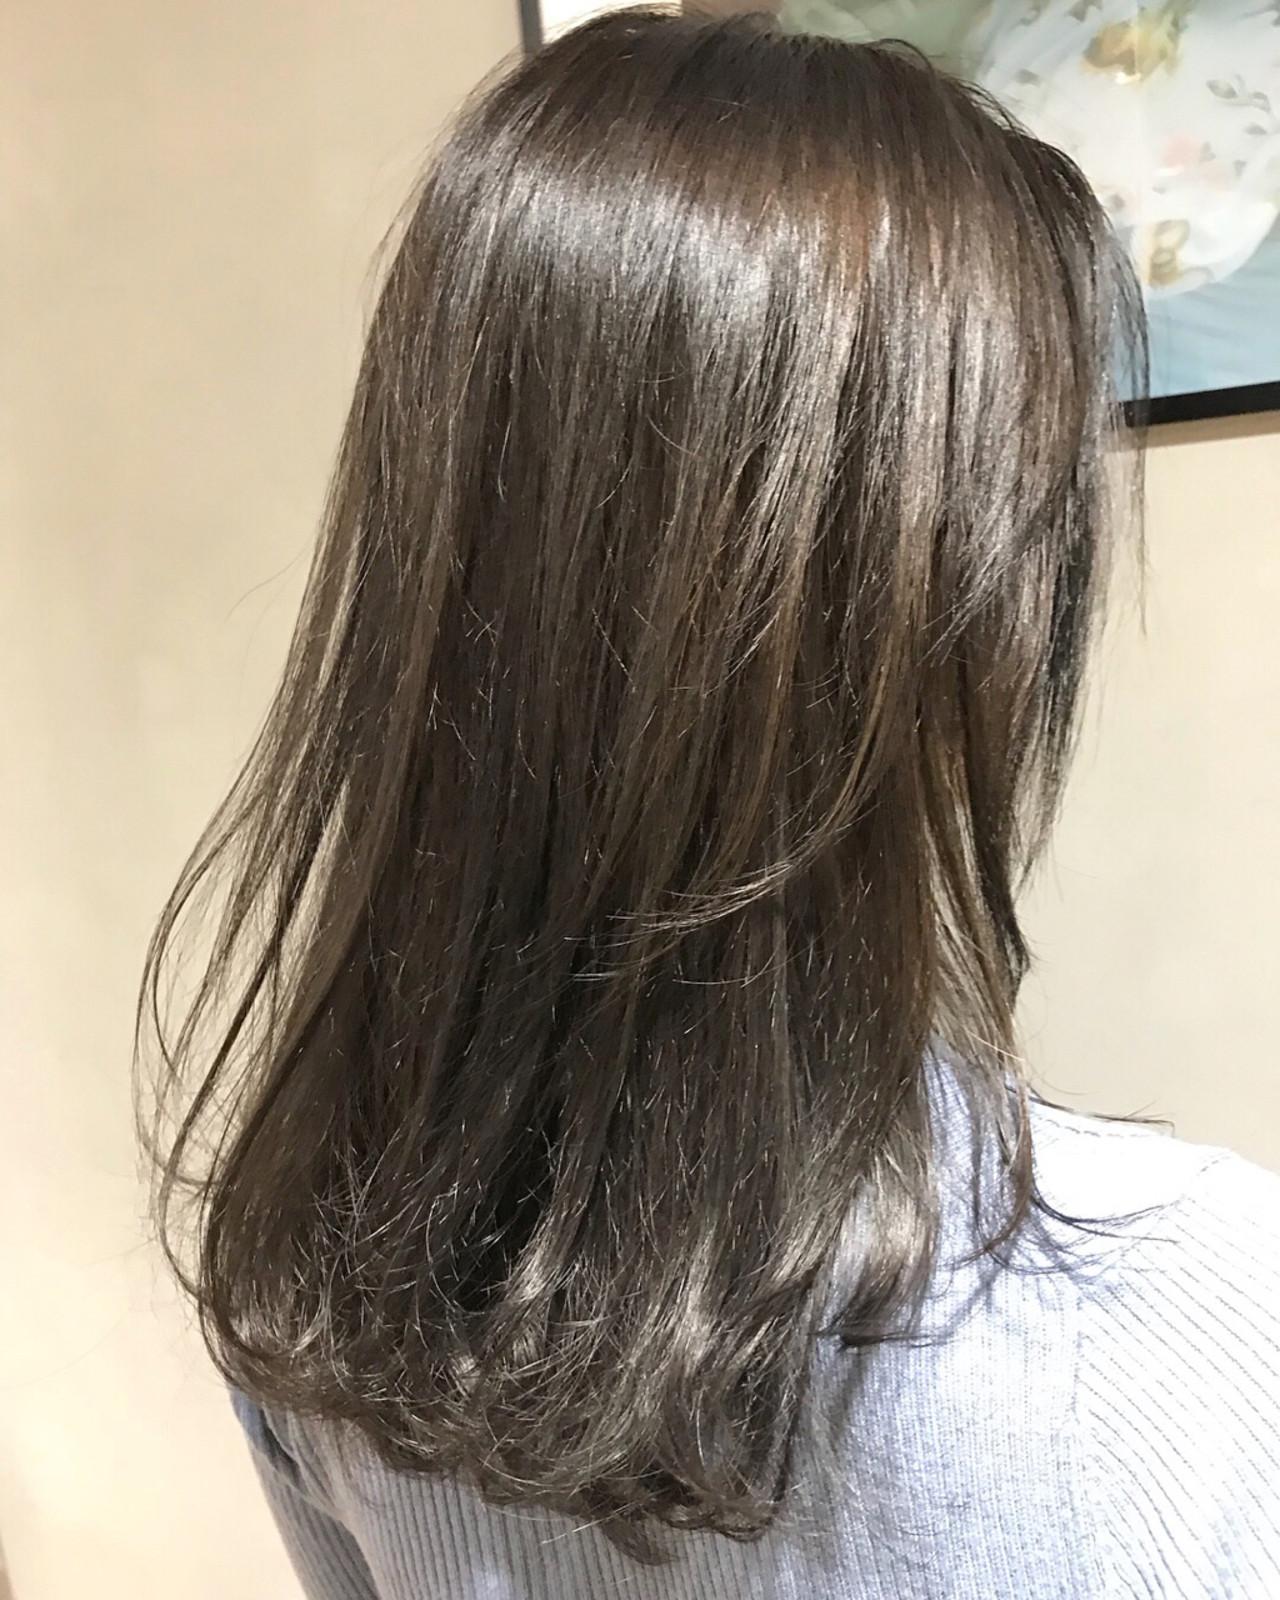 レイヤーカット 暗髪 透明感 ナチュラルヘアスタイルや髪型の写真・画像